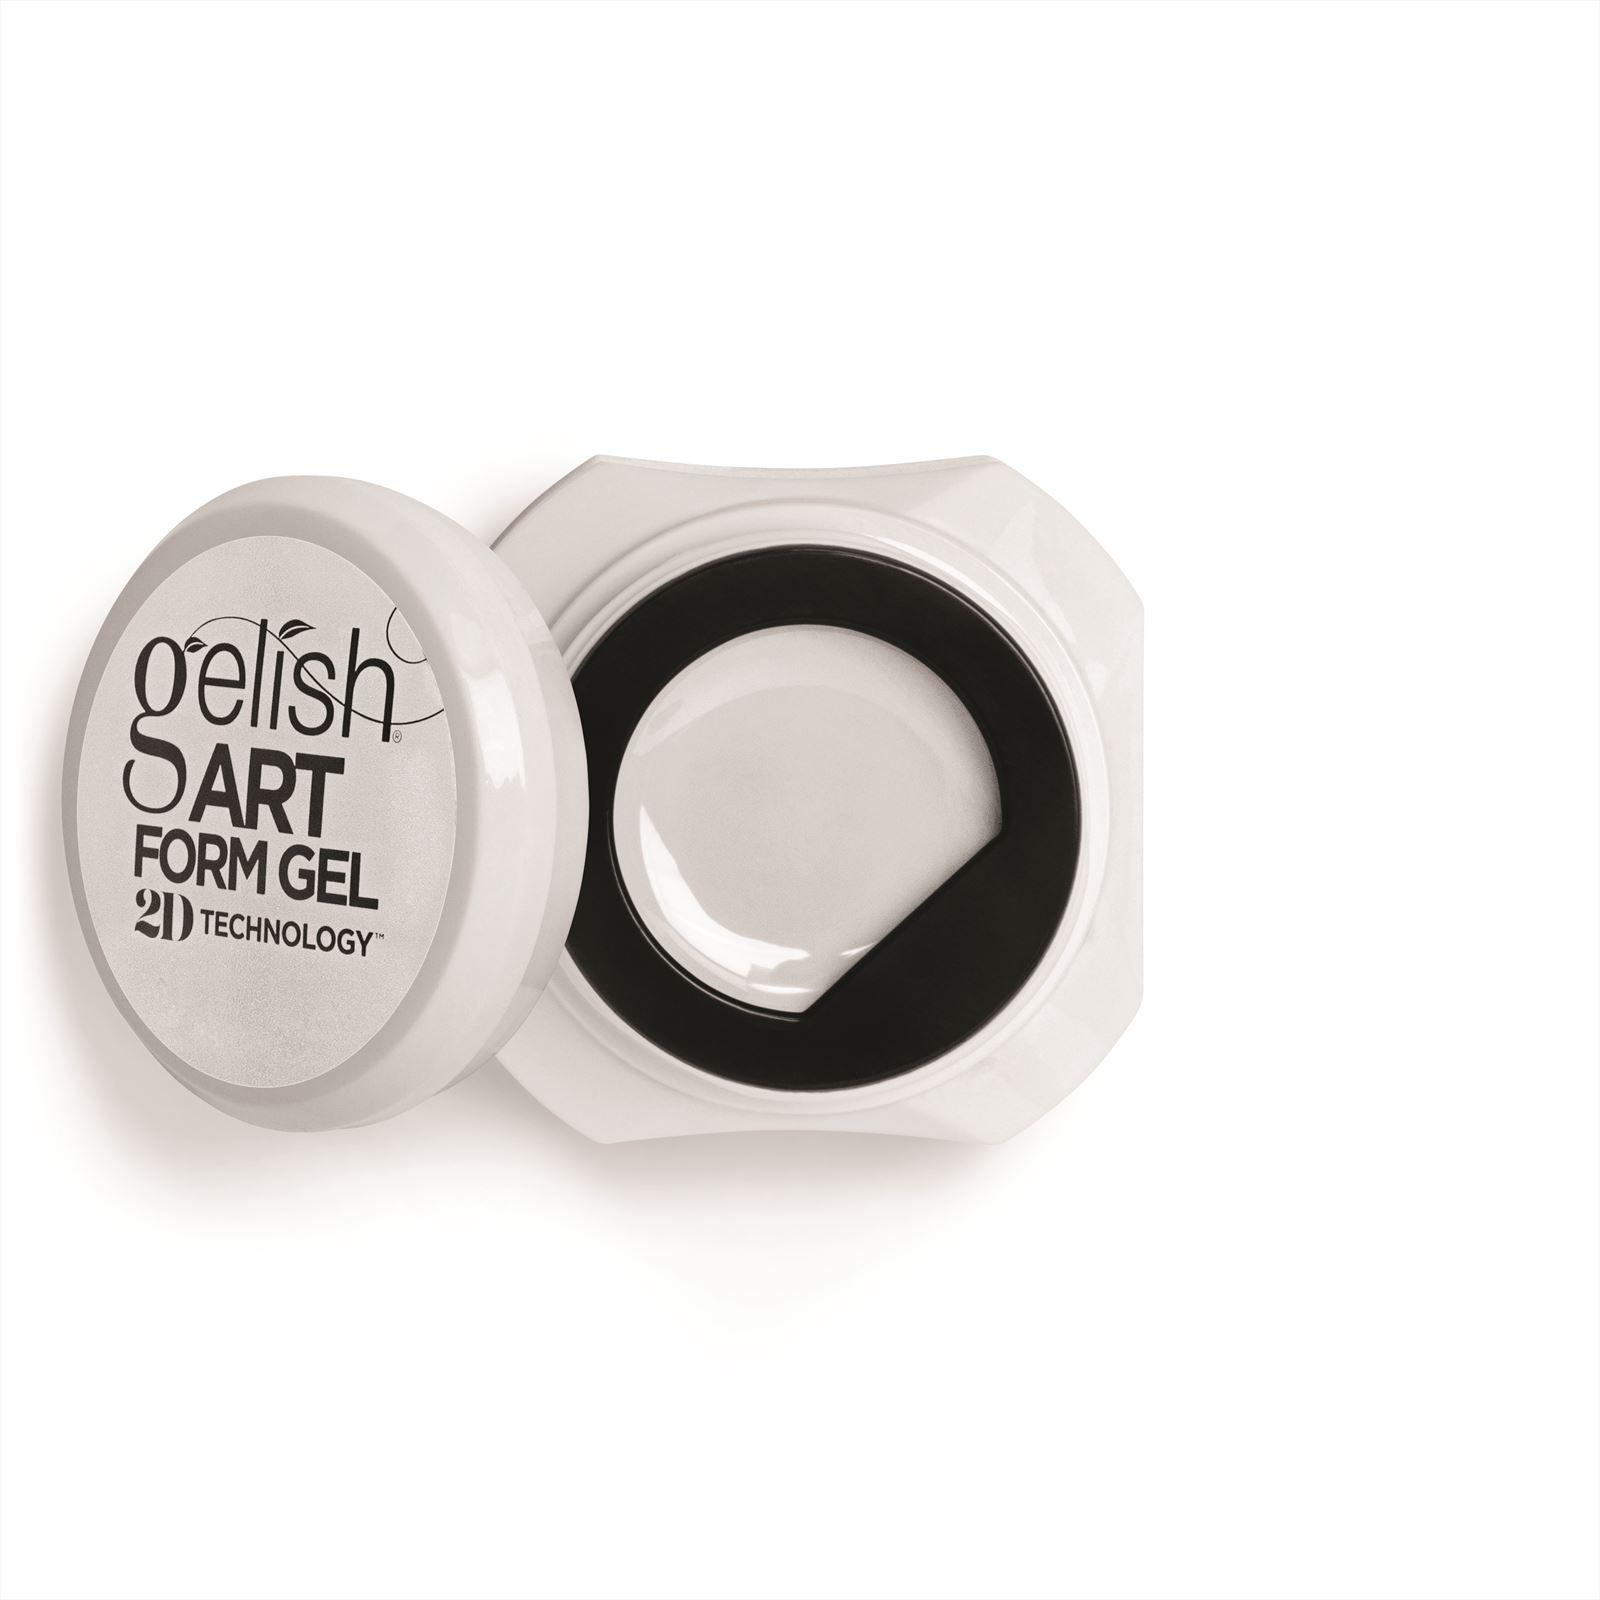 Afbeelding van Gelish 2D Artformgel Essential White